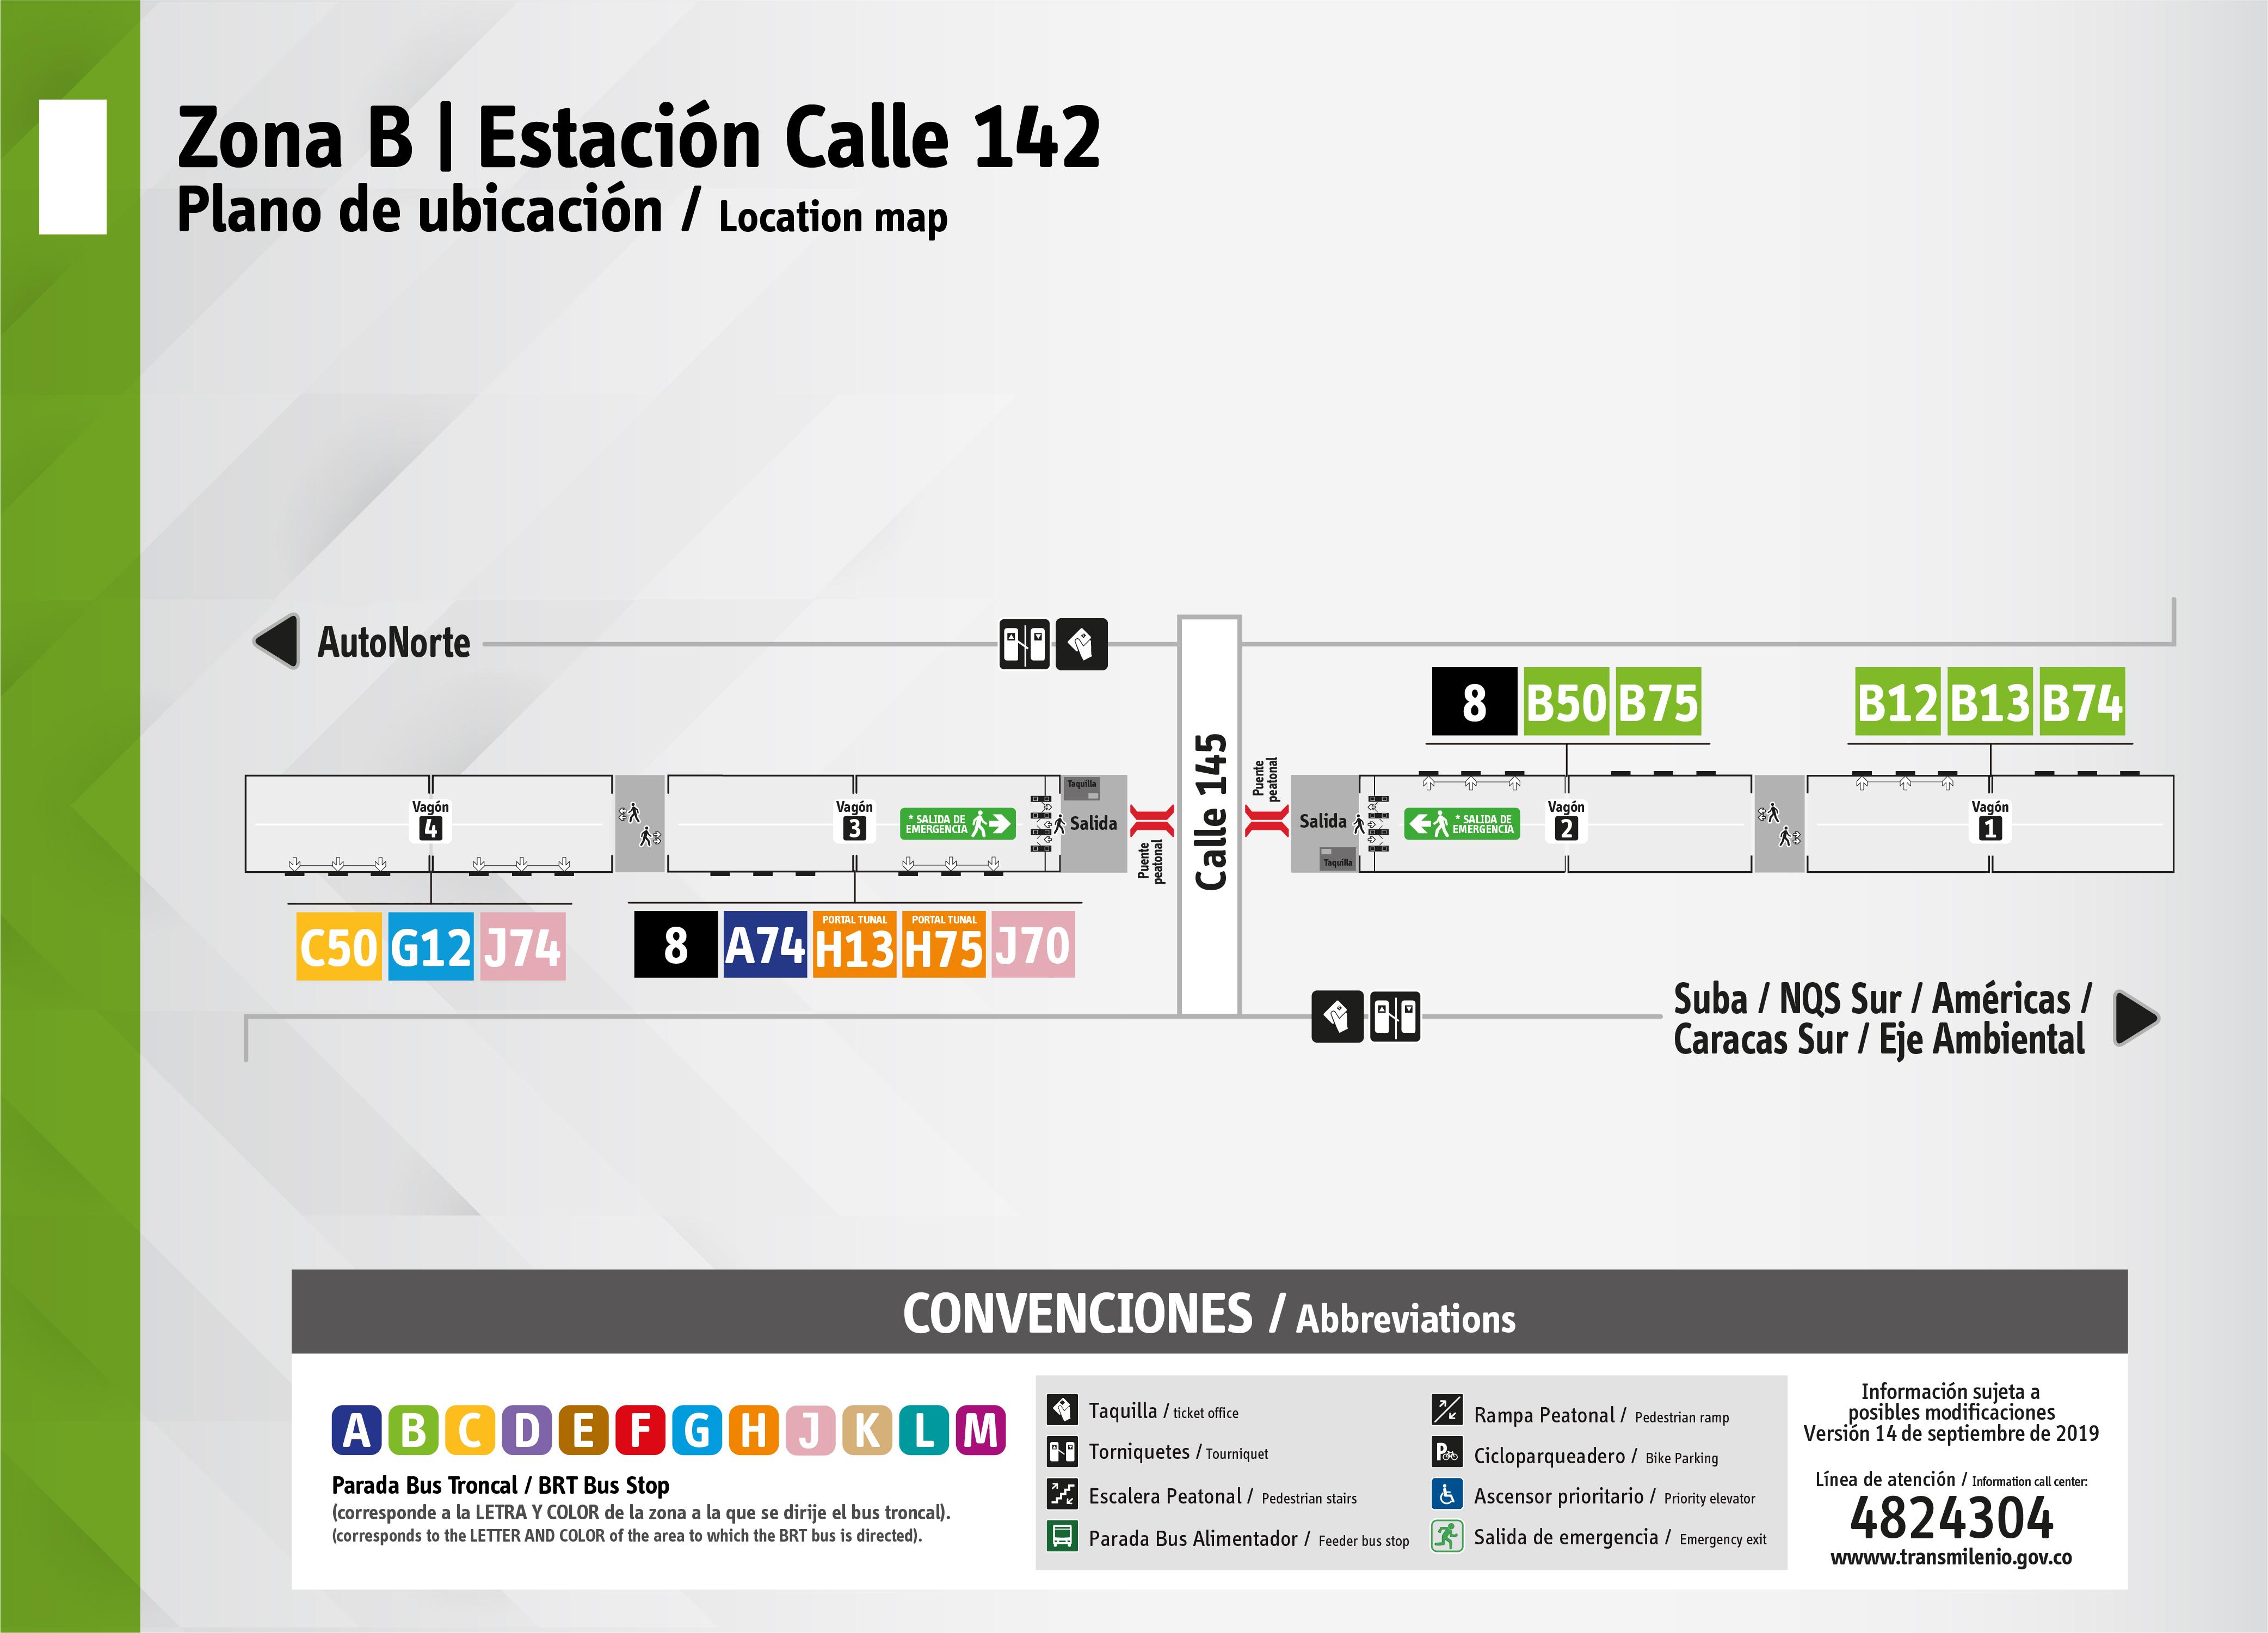 Plano de estación calle 142